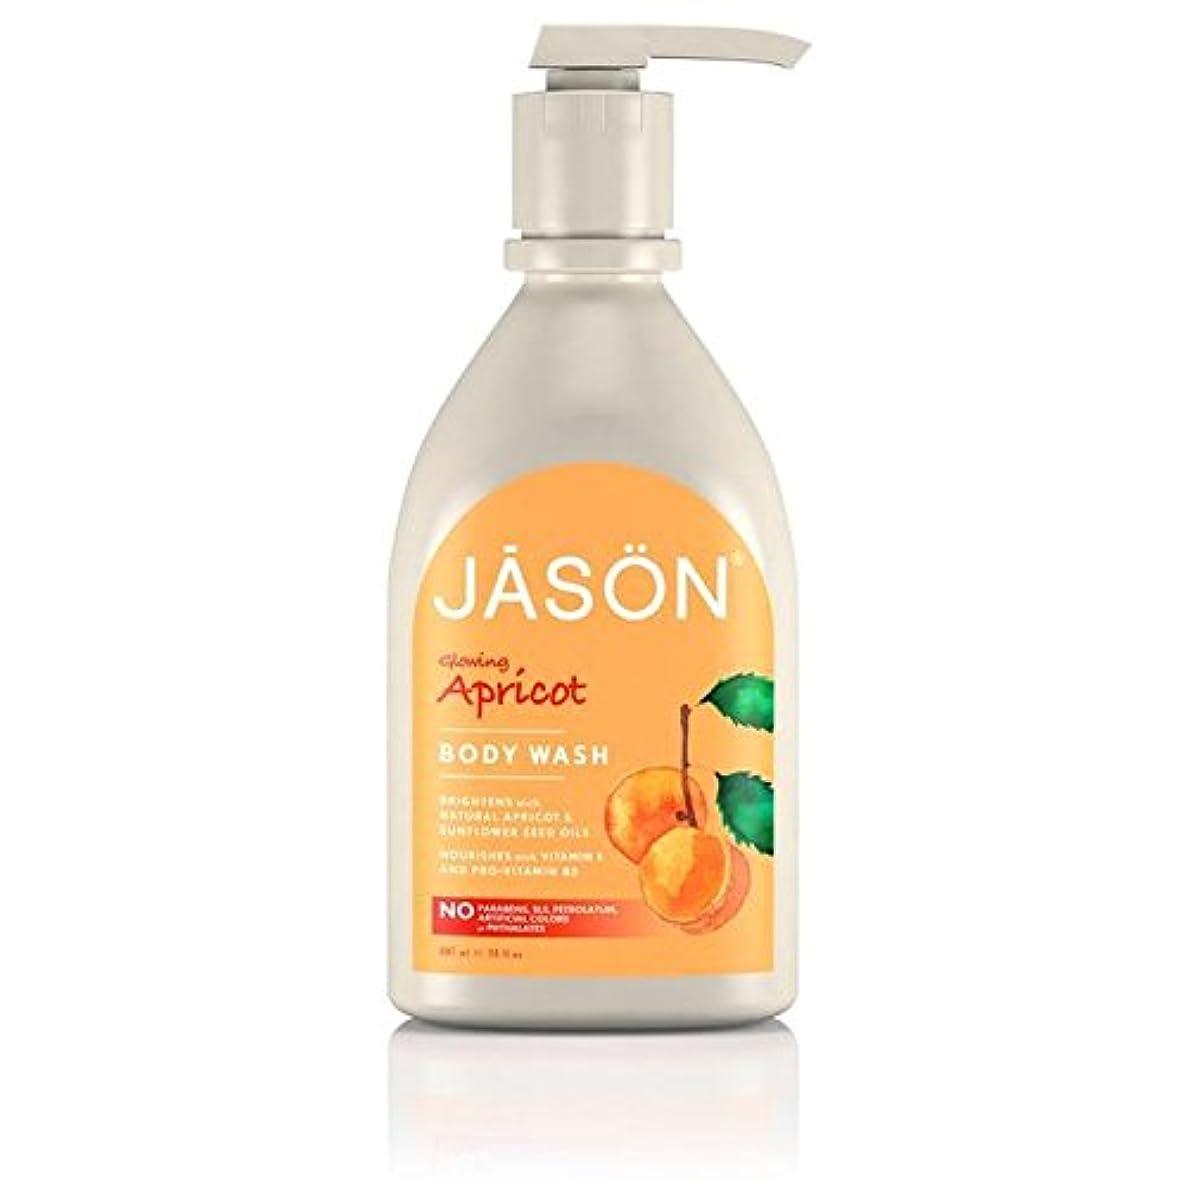 宗教的なティーンエイジャーリハーサルJason Apricot Satin Body Wash Pump 900ml (Pack of 6) - ジェイソン?アプリコットサテンボディウォッシュポンプ900ミリリットル x6 [並行輸入品]